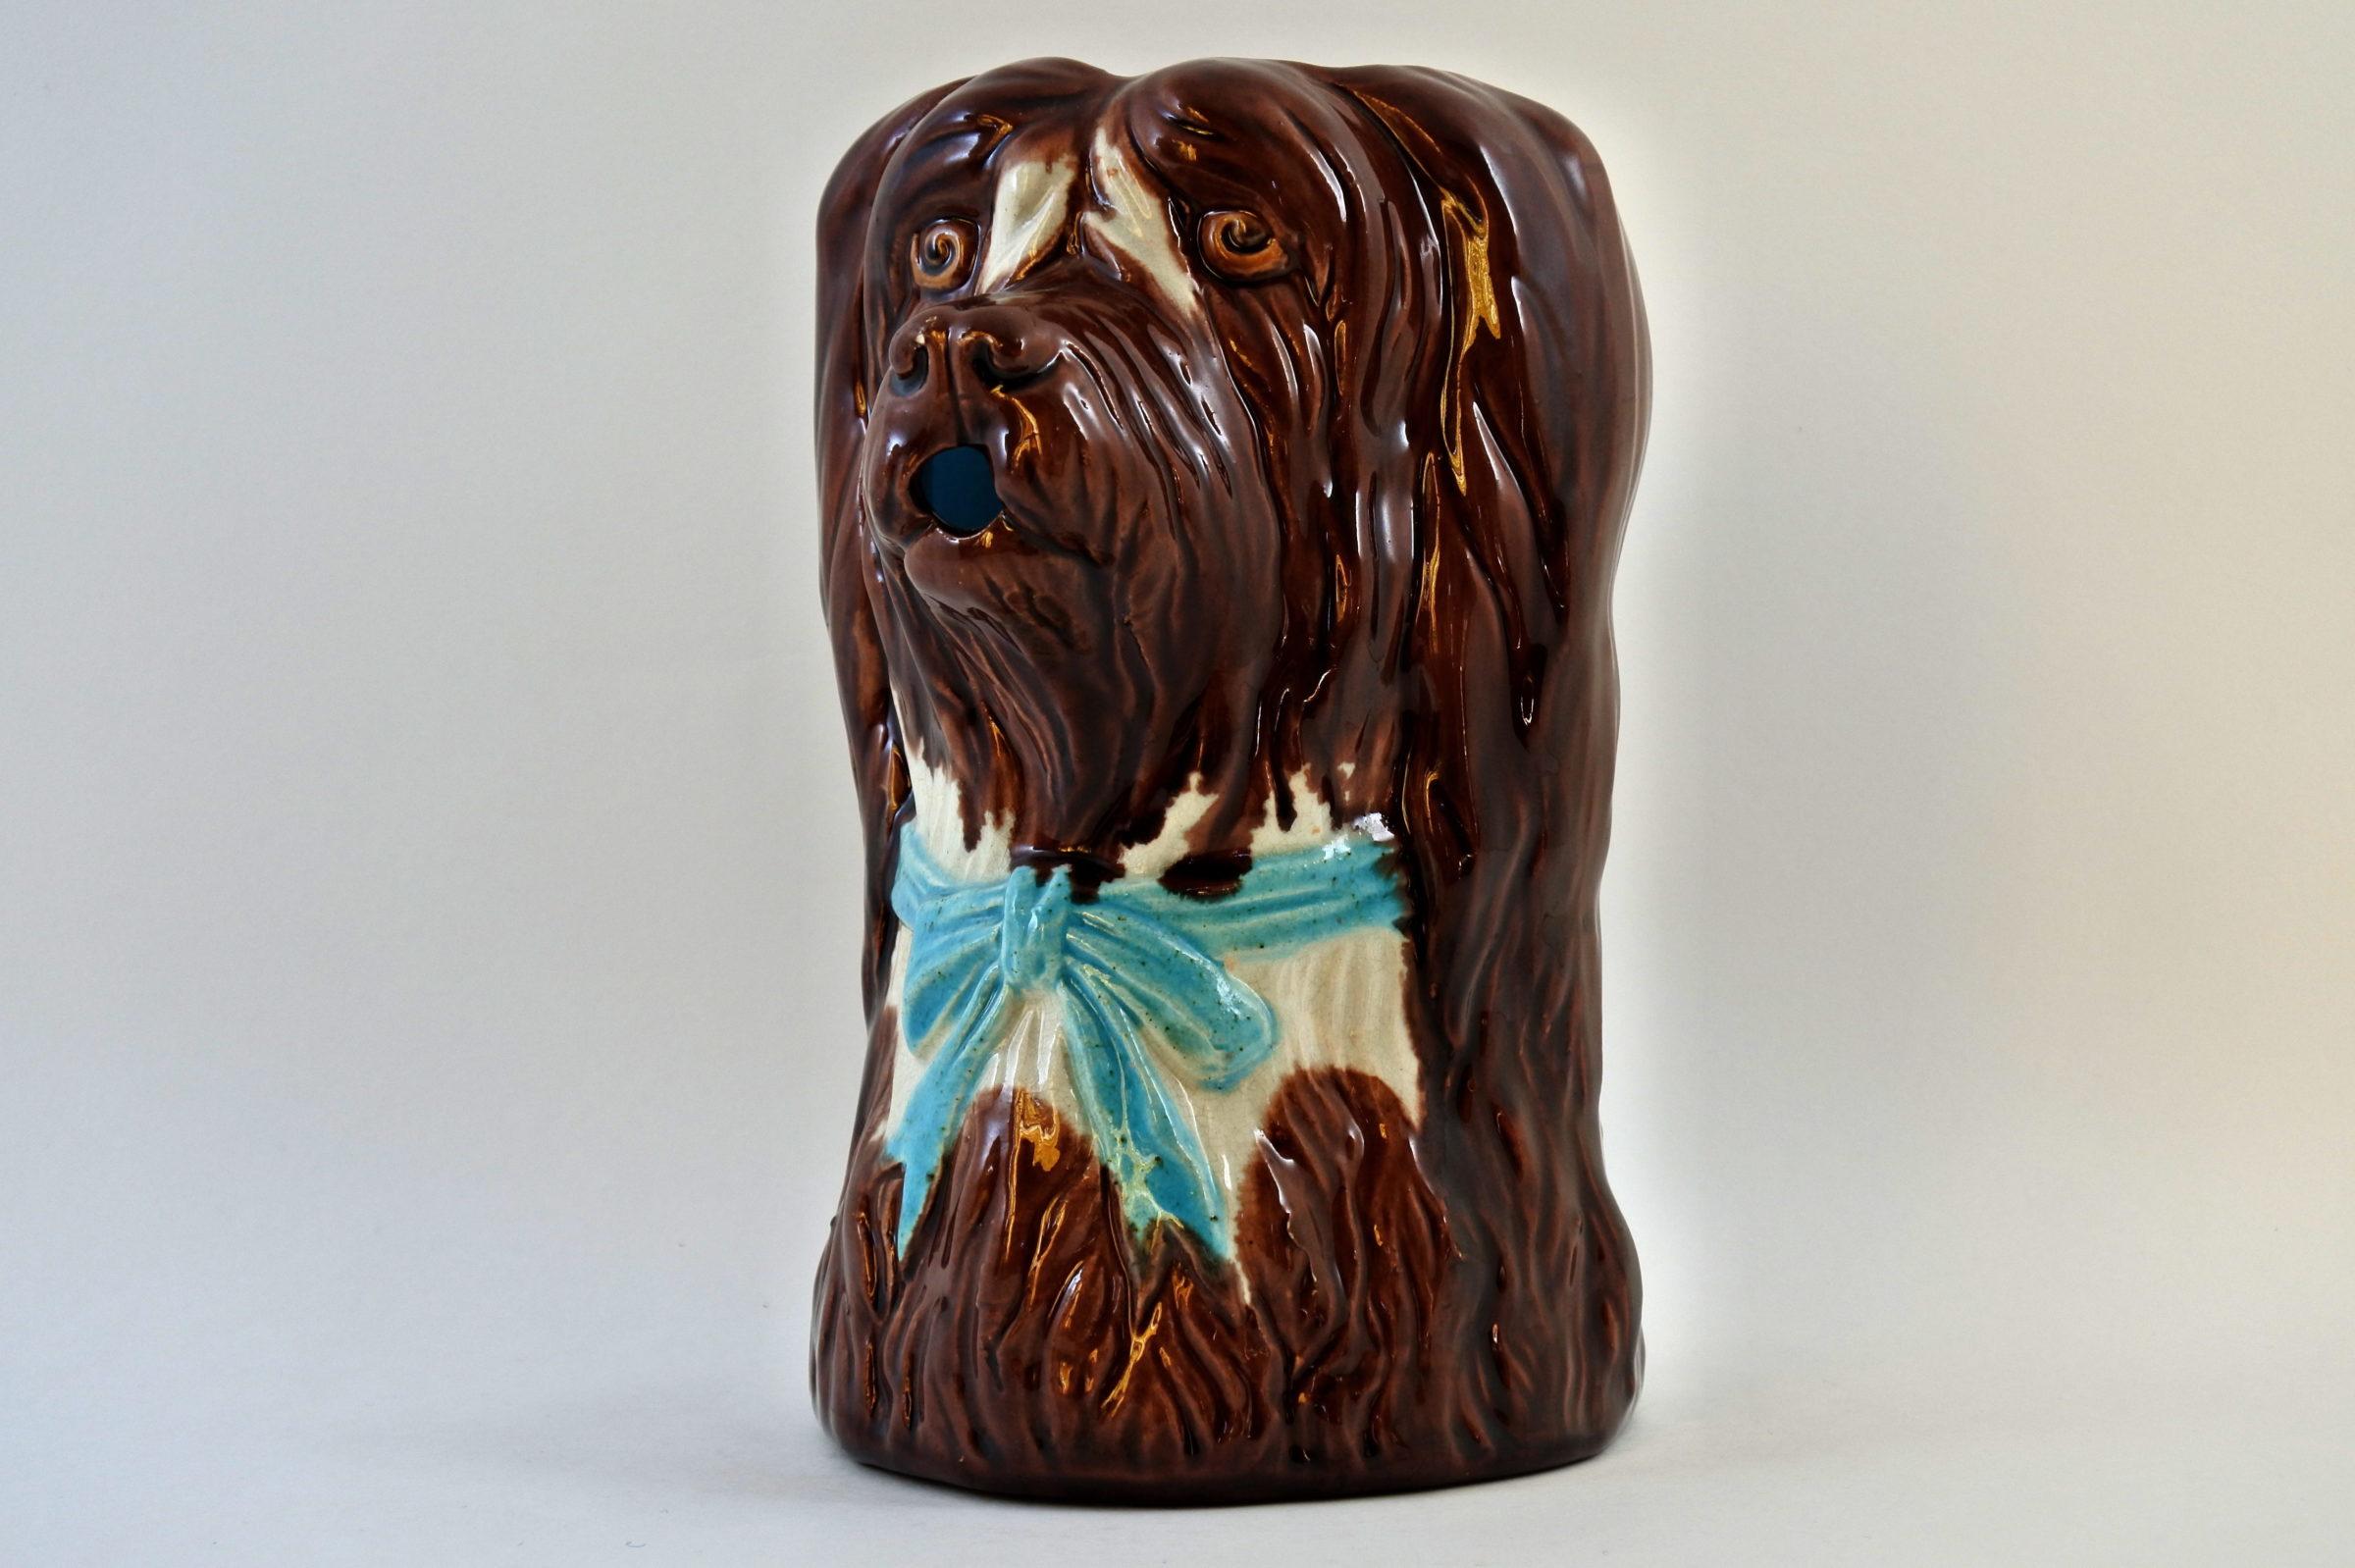 Brocca in ceramica barbotine a forma di cane con fiocco azzurro